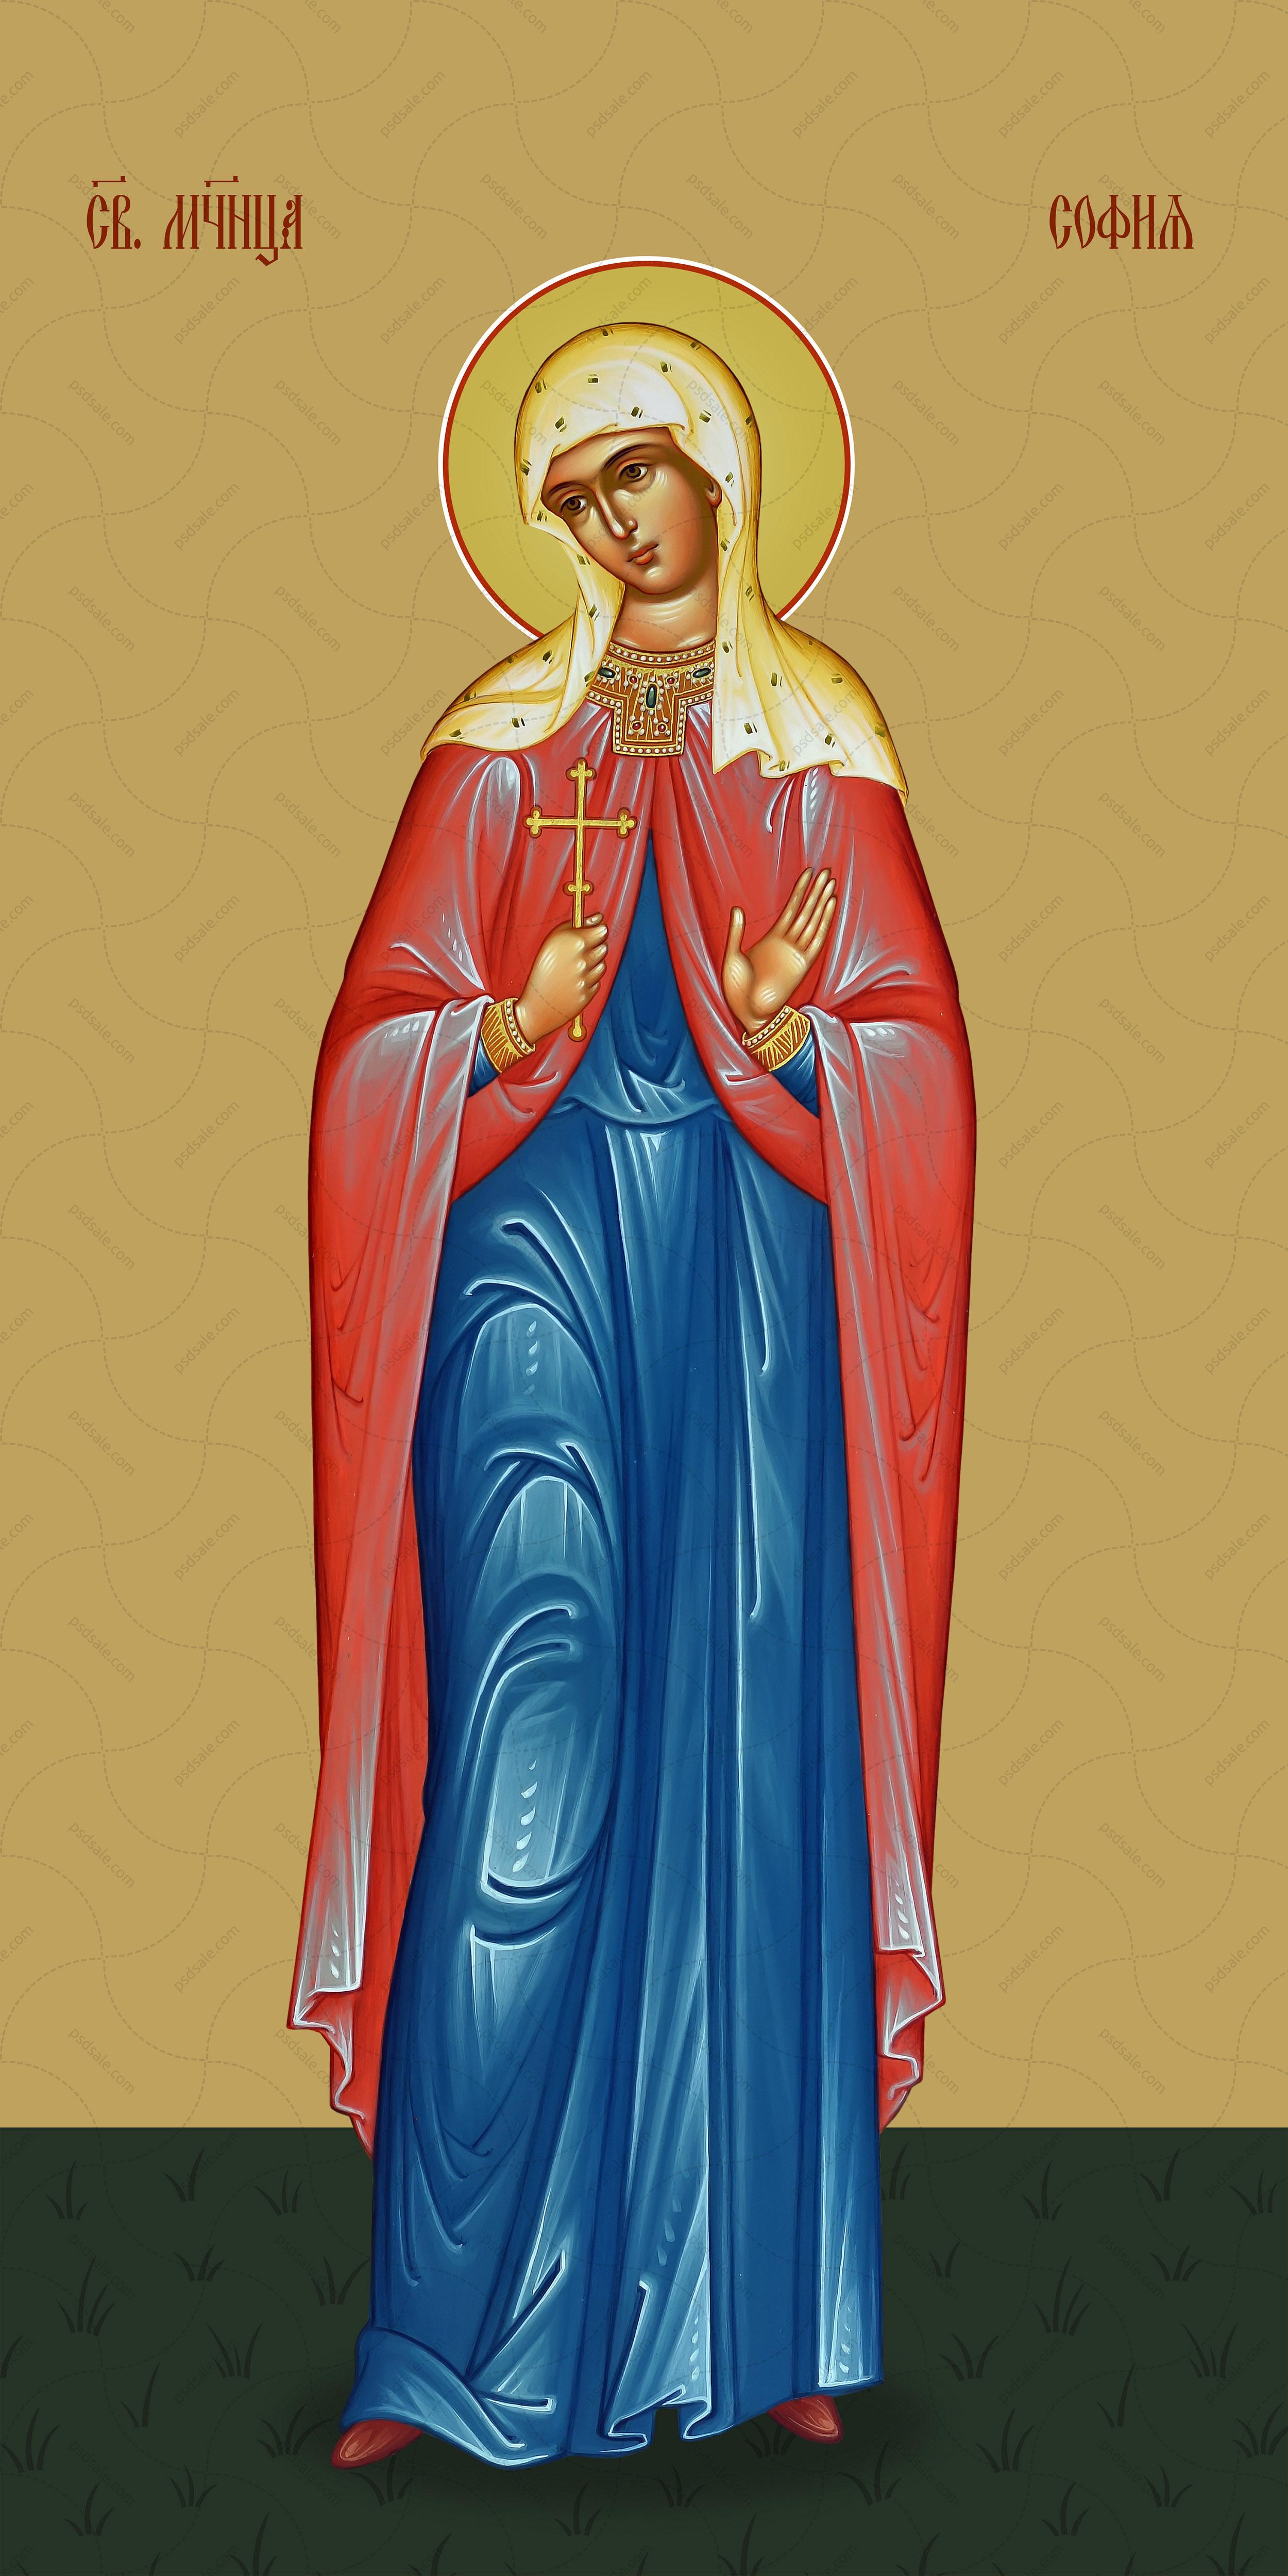 Мерная икона, София Римская, мученица